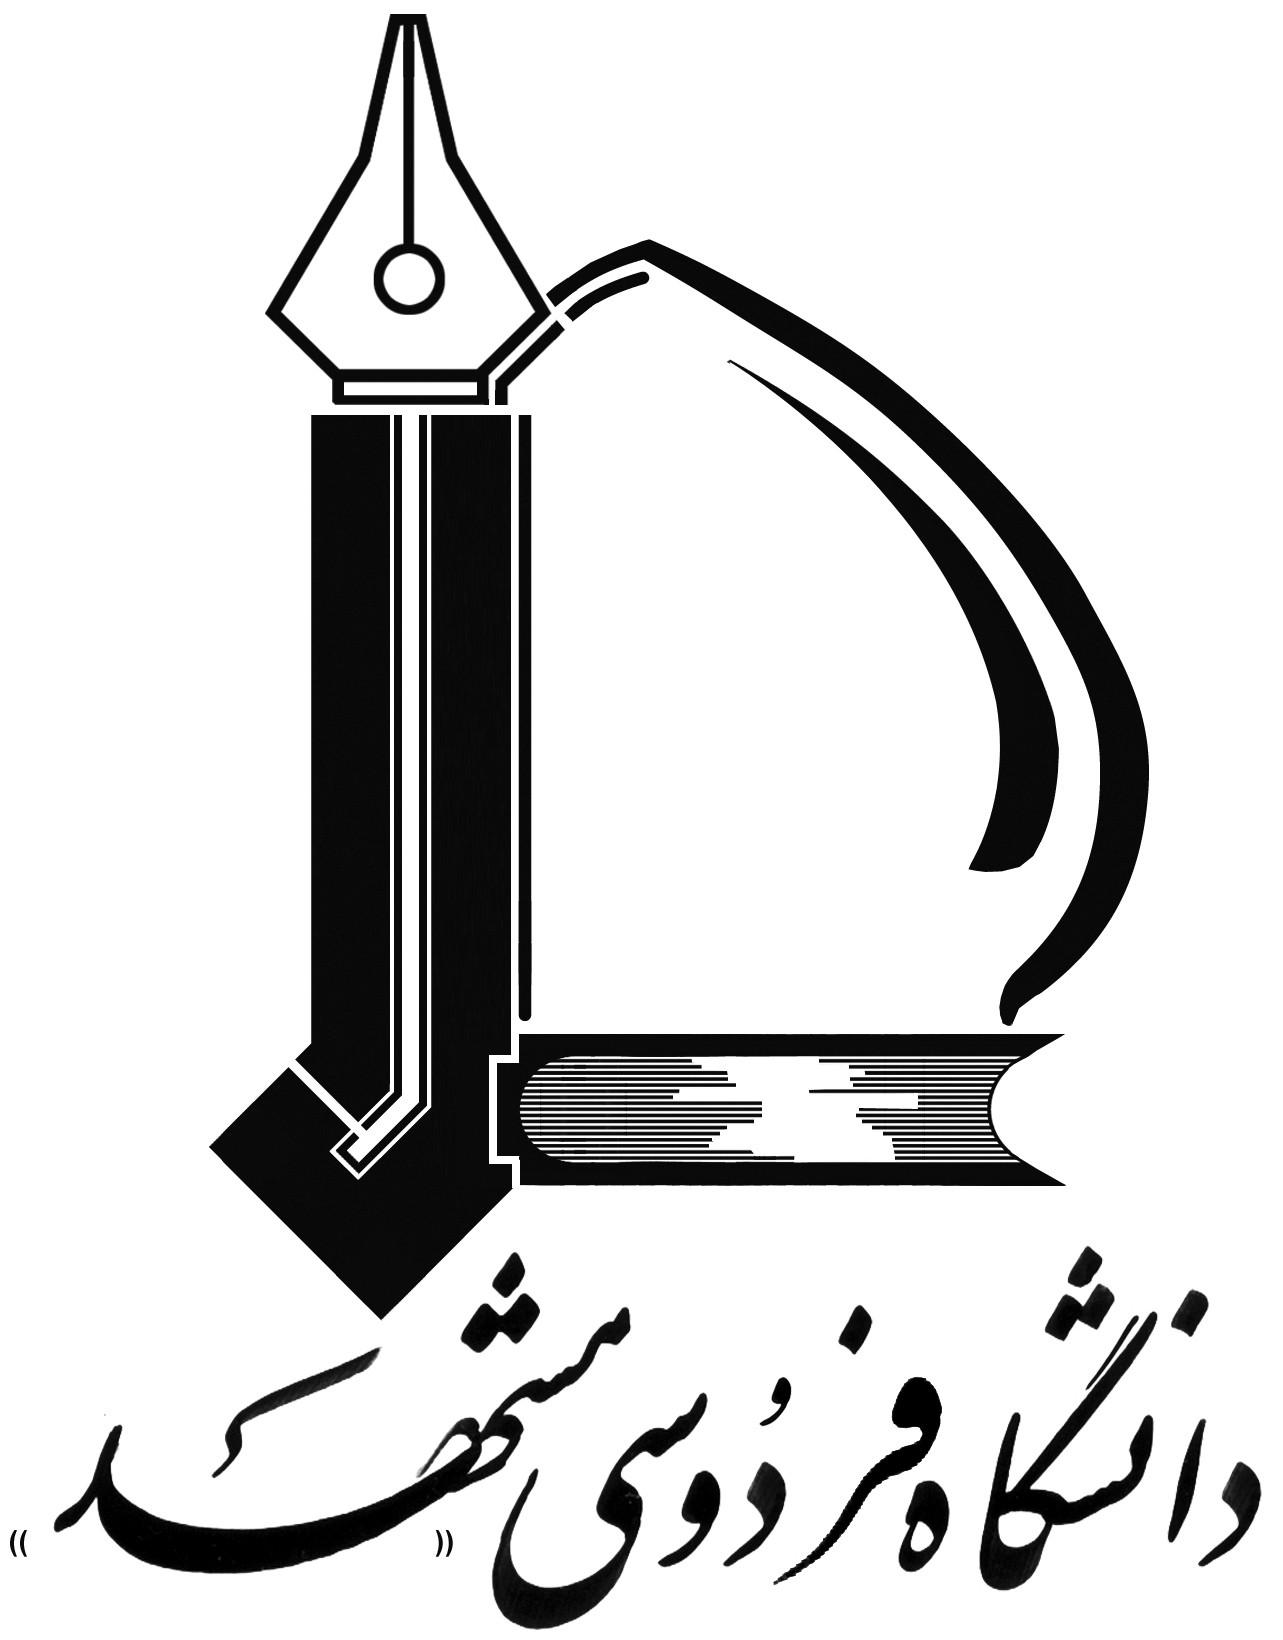 پایان نامه پایان نامه های دانشجویی دانشگاه فردوسی مشهد